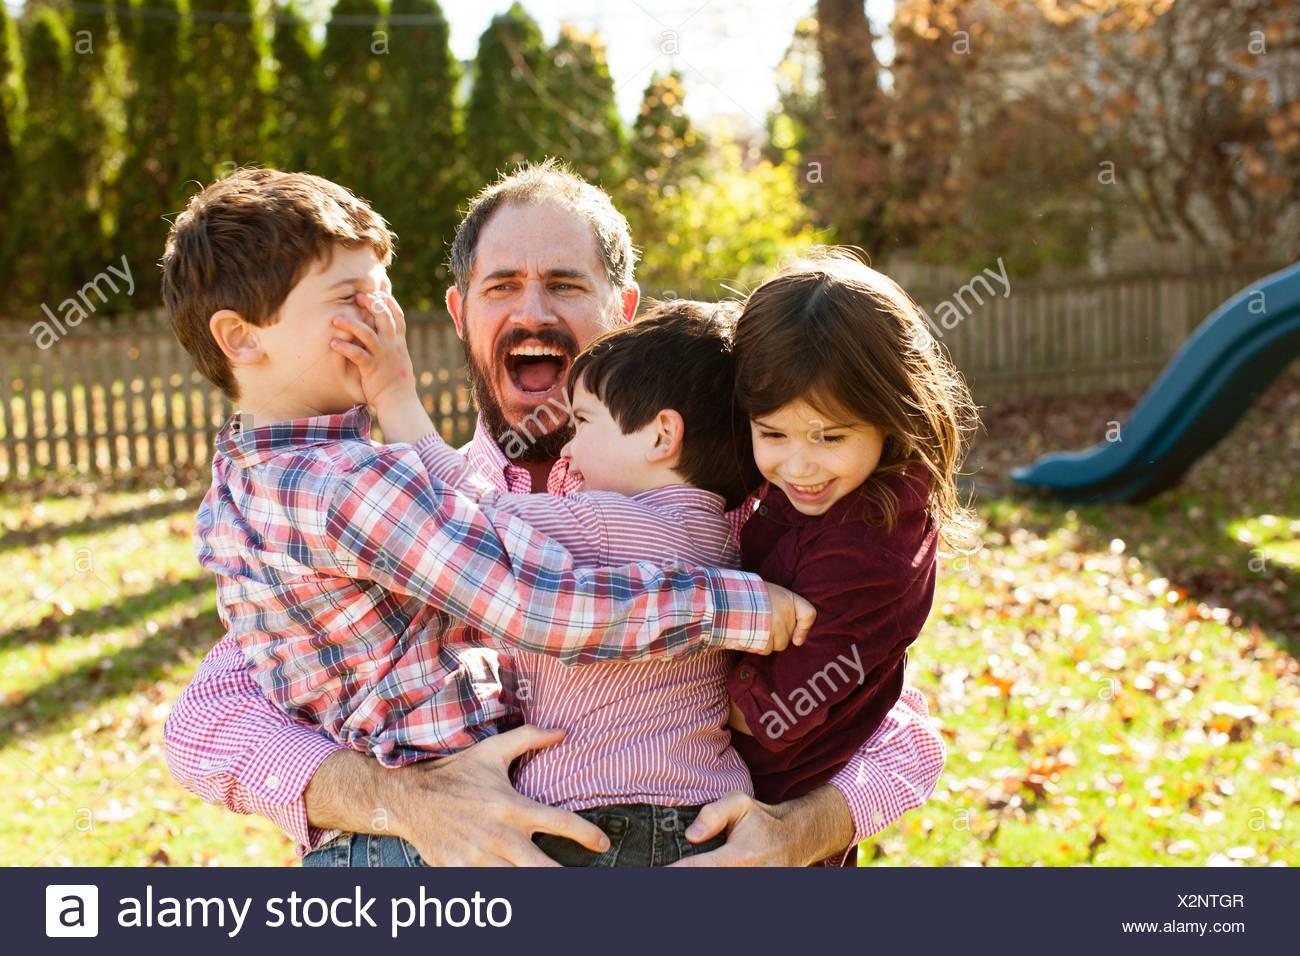 Vater mit verspielten Kinder in seine Arme, offenen Mund schauen überrascht Stockbild